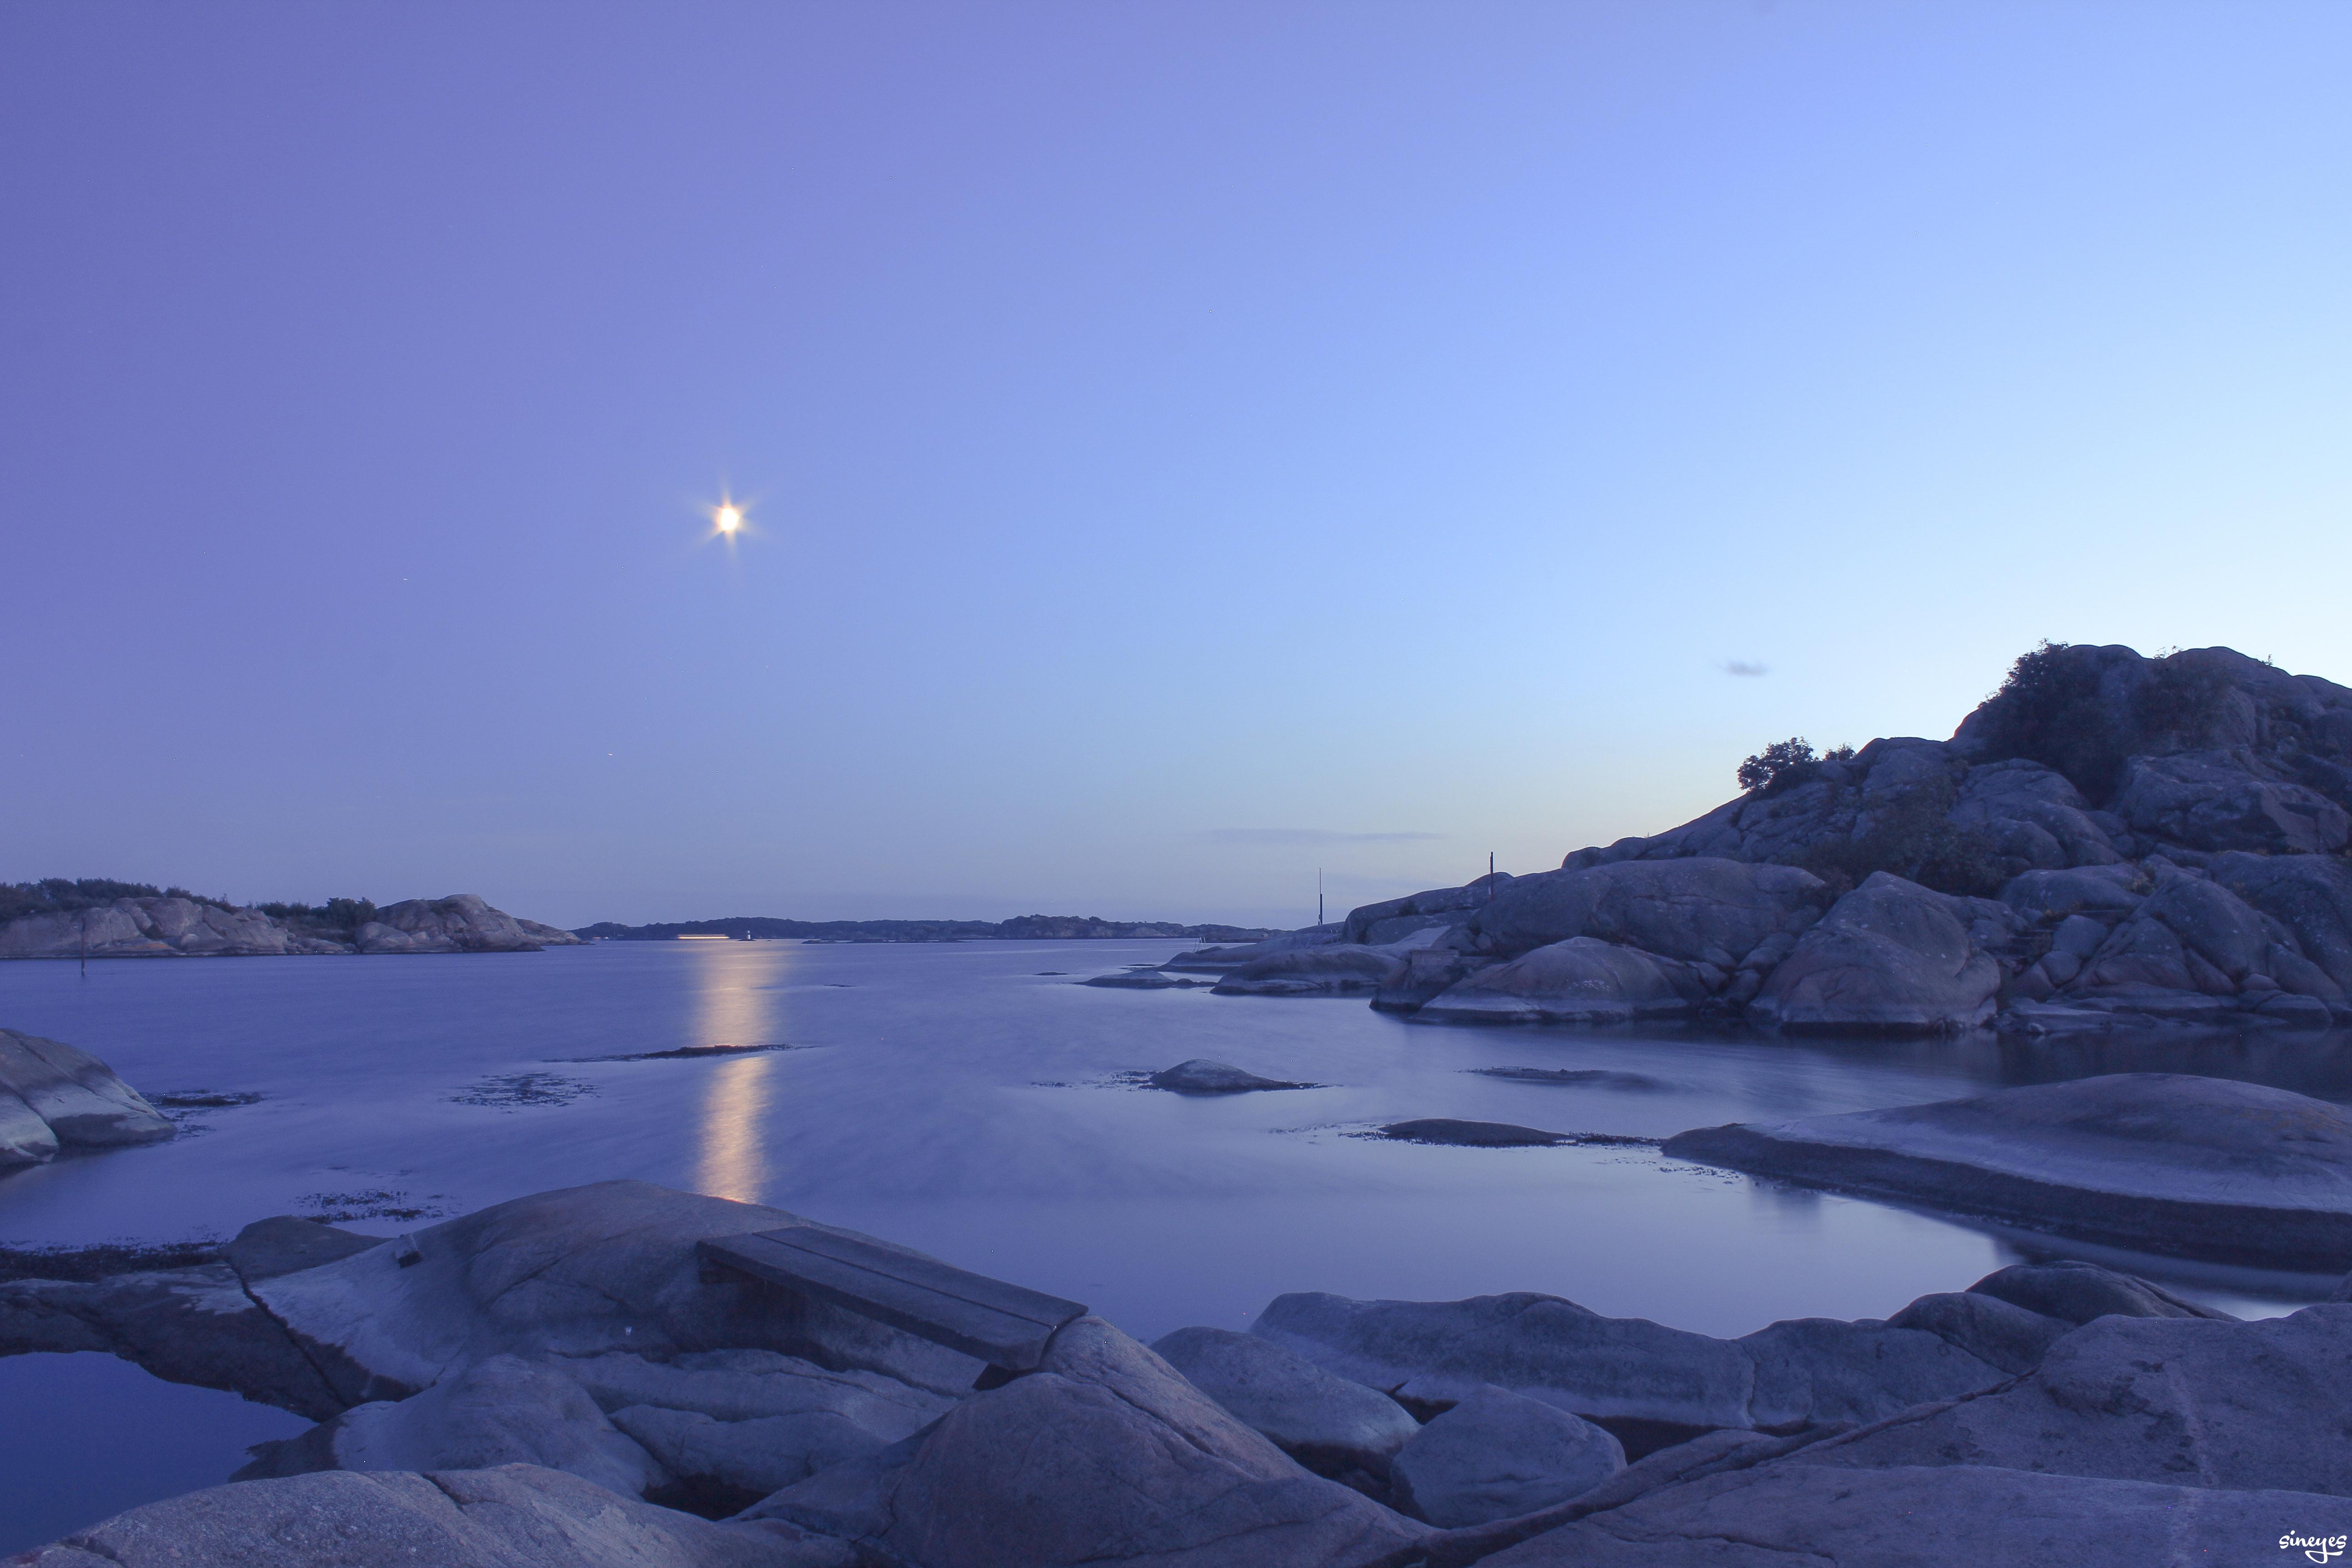 Last night in Sweden - Goteborg, Suède by sineyes